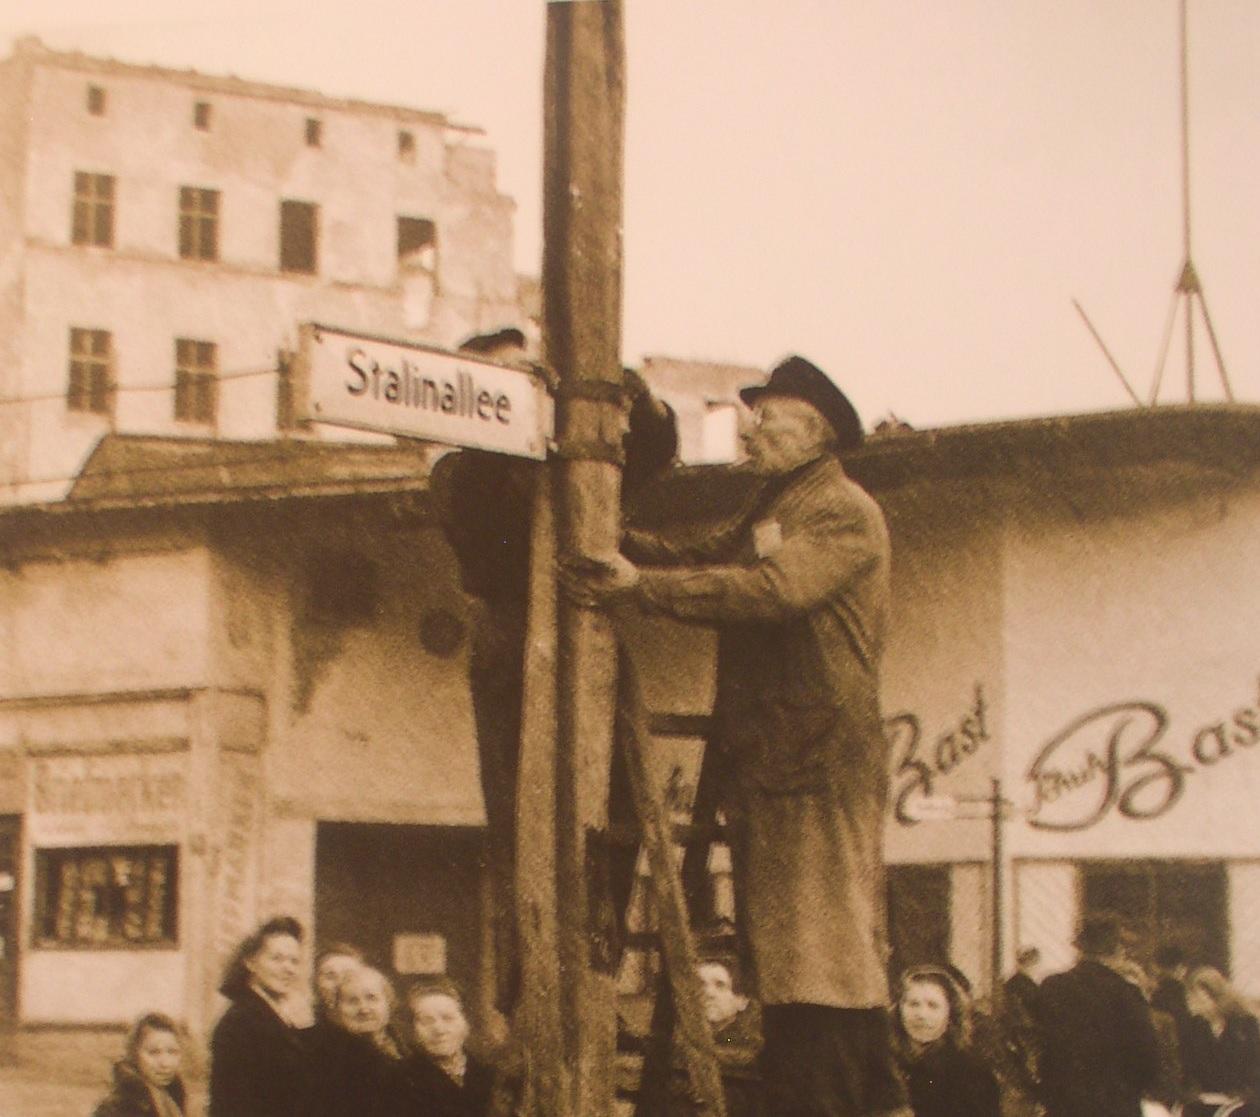 Van onze man in Berlijn: De geflopte Stalinallee (1949-1961). Wat er gebeurde met het verjaardagscadeau voor de Rode Tsaar.